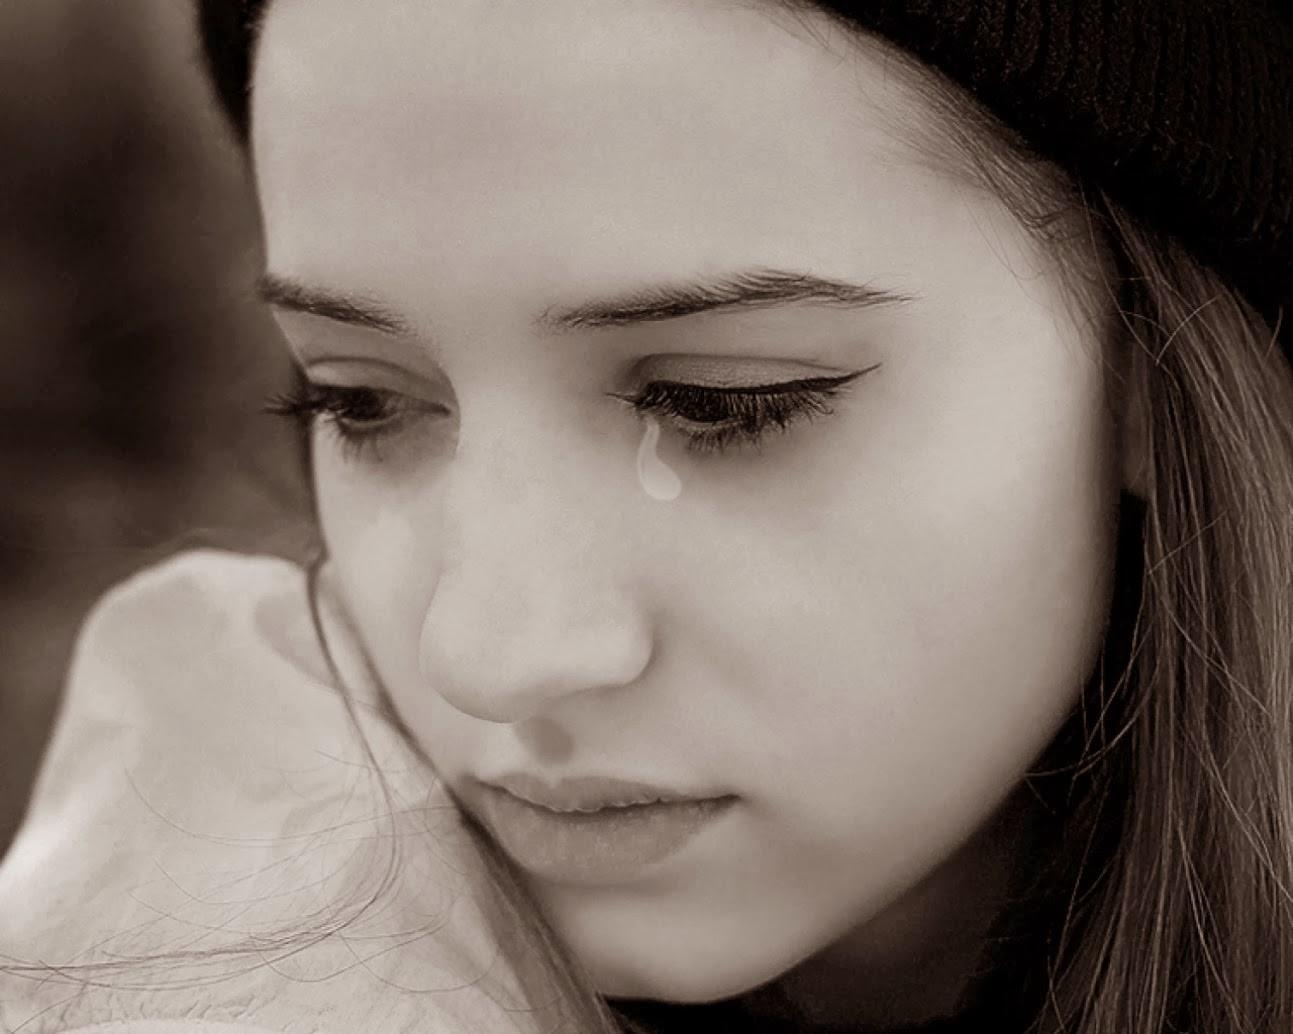 صورة صور بنت زعلانه , حزن العيون من ضمن مكنونات القلوب الجميلة